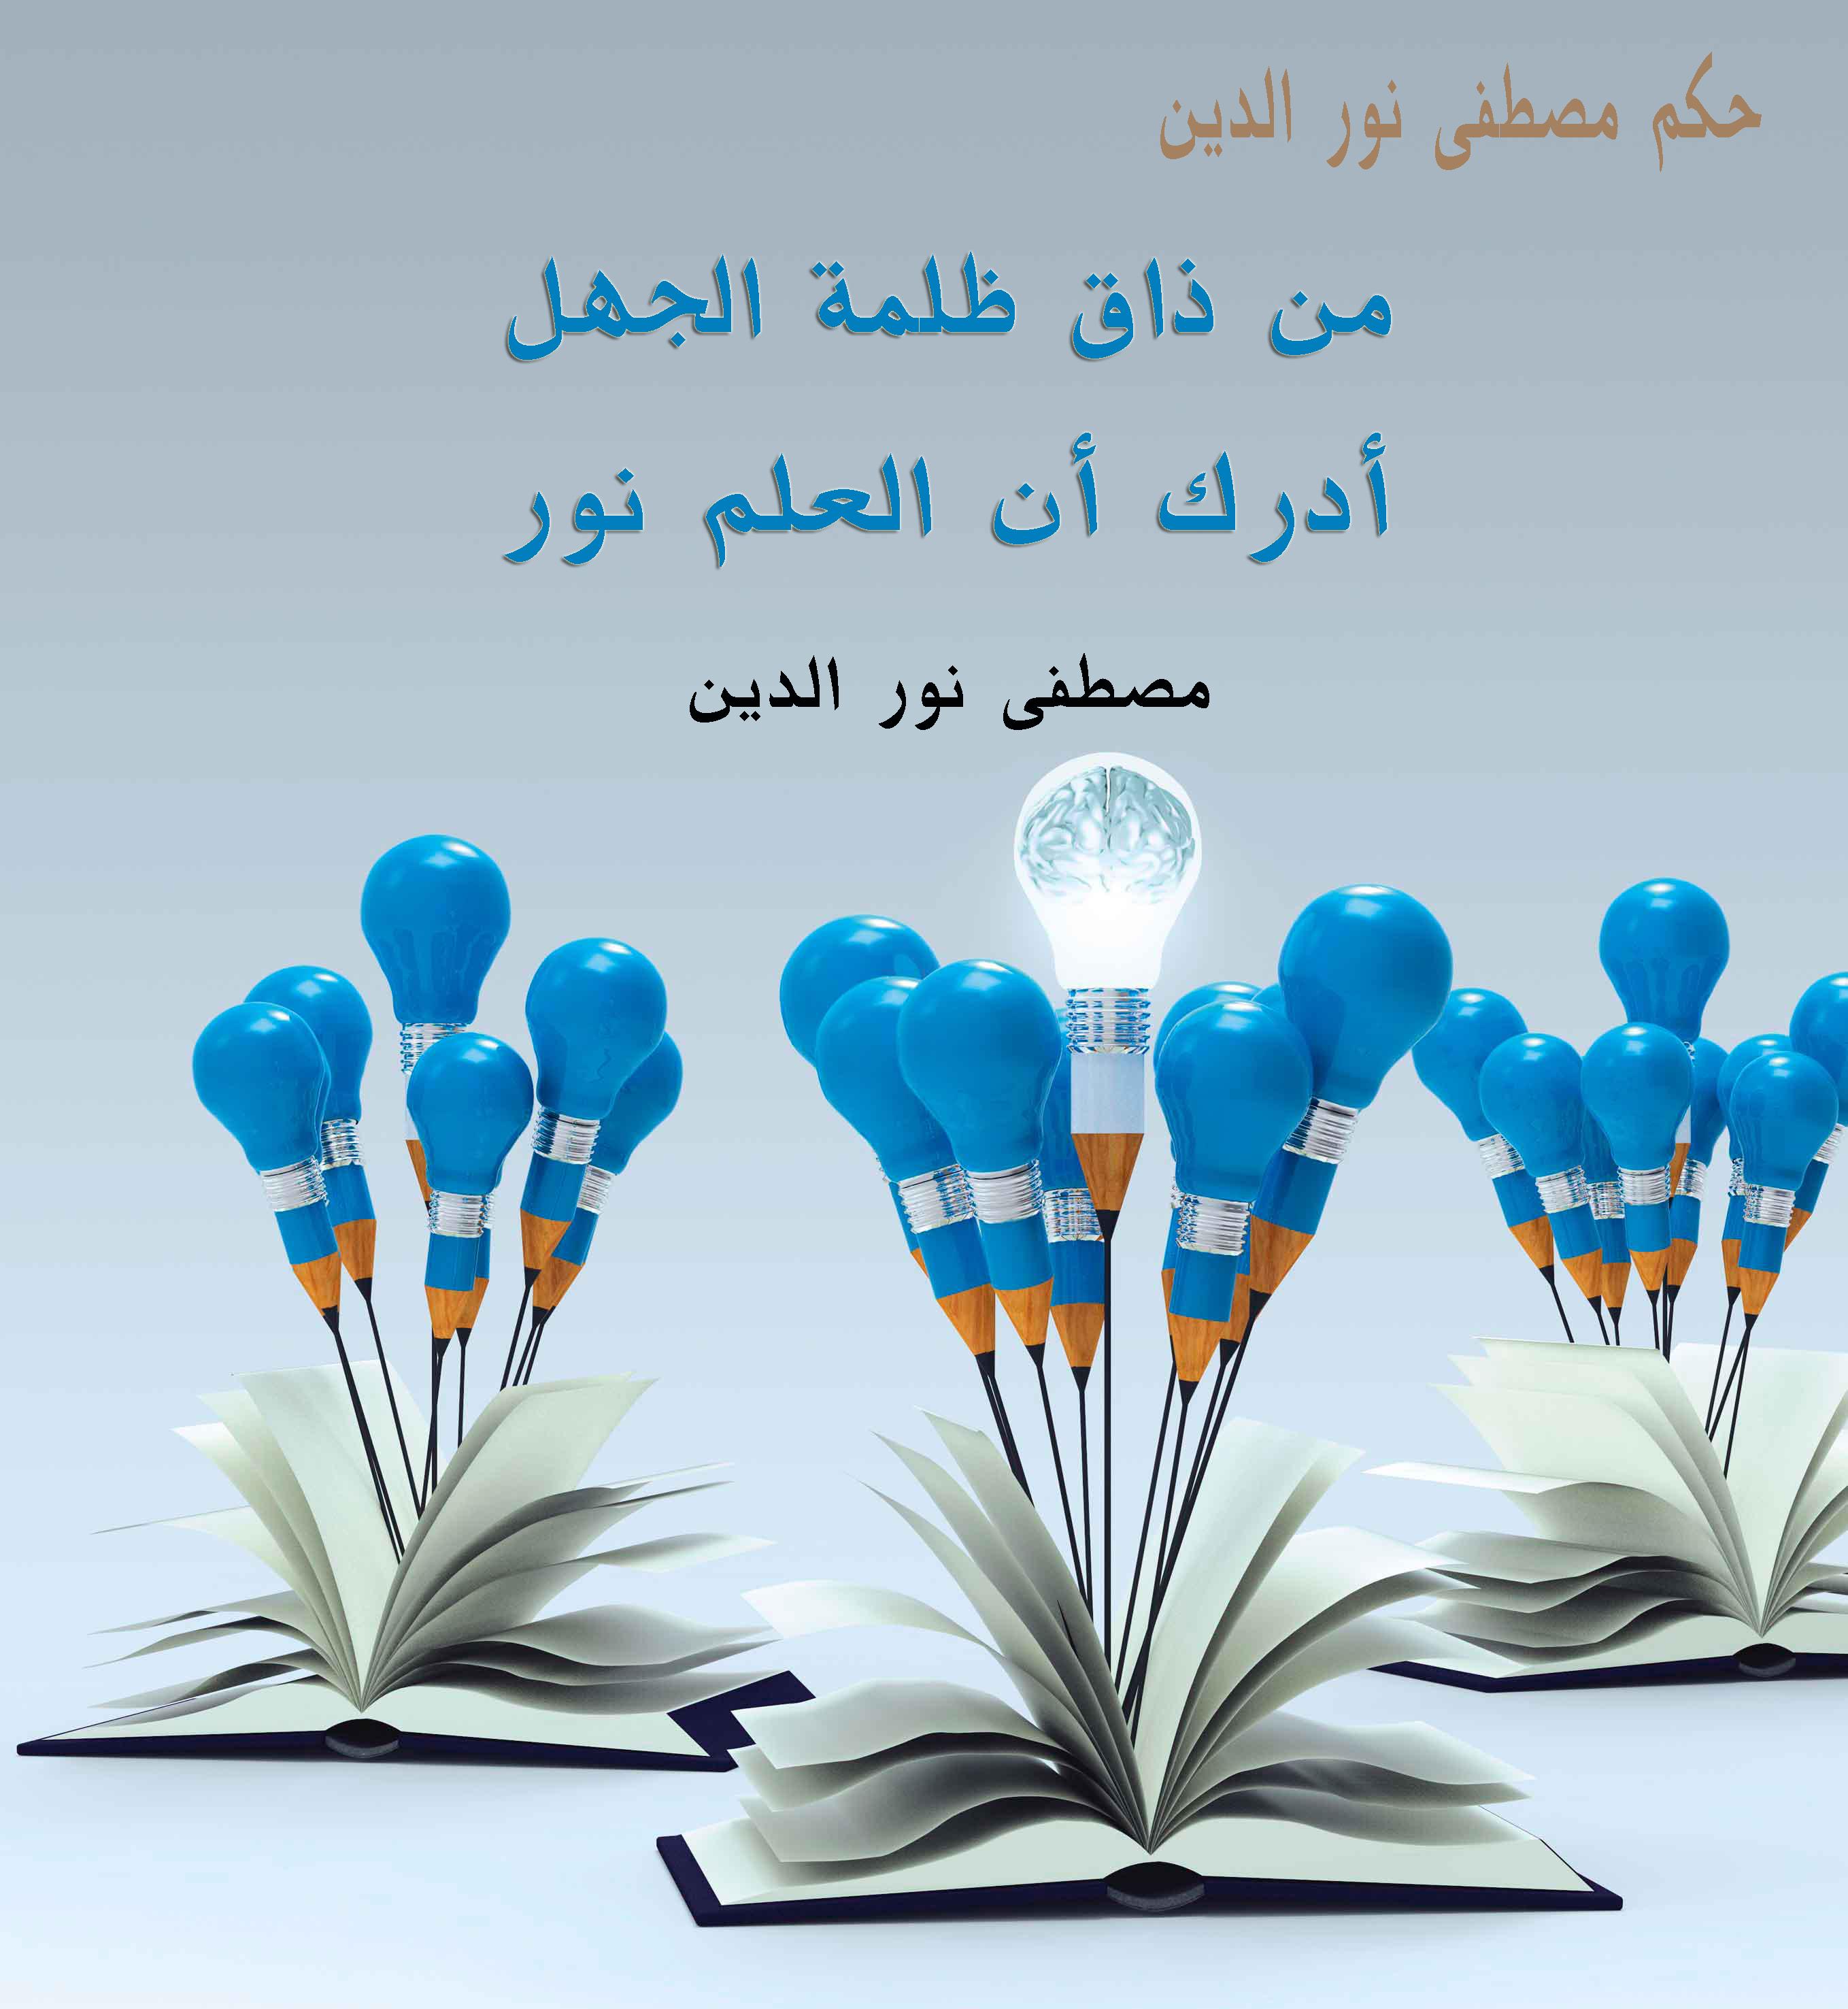 حكم عامة من ذاق ظلمة الجهل أدرك أن العلم نور مصطفى نور الدين Poster Manners